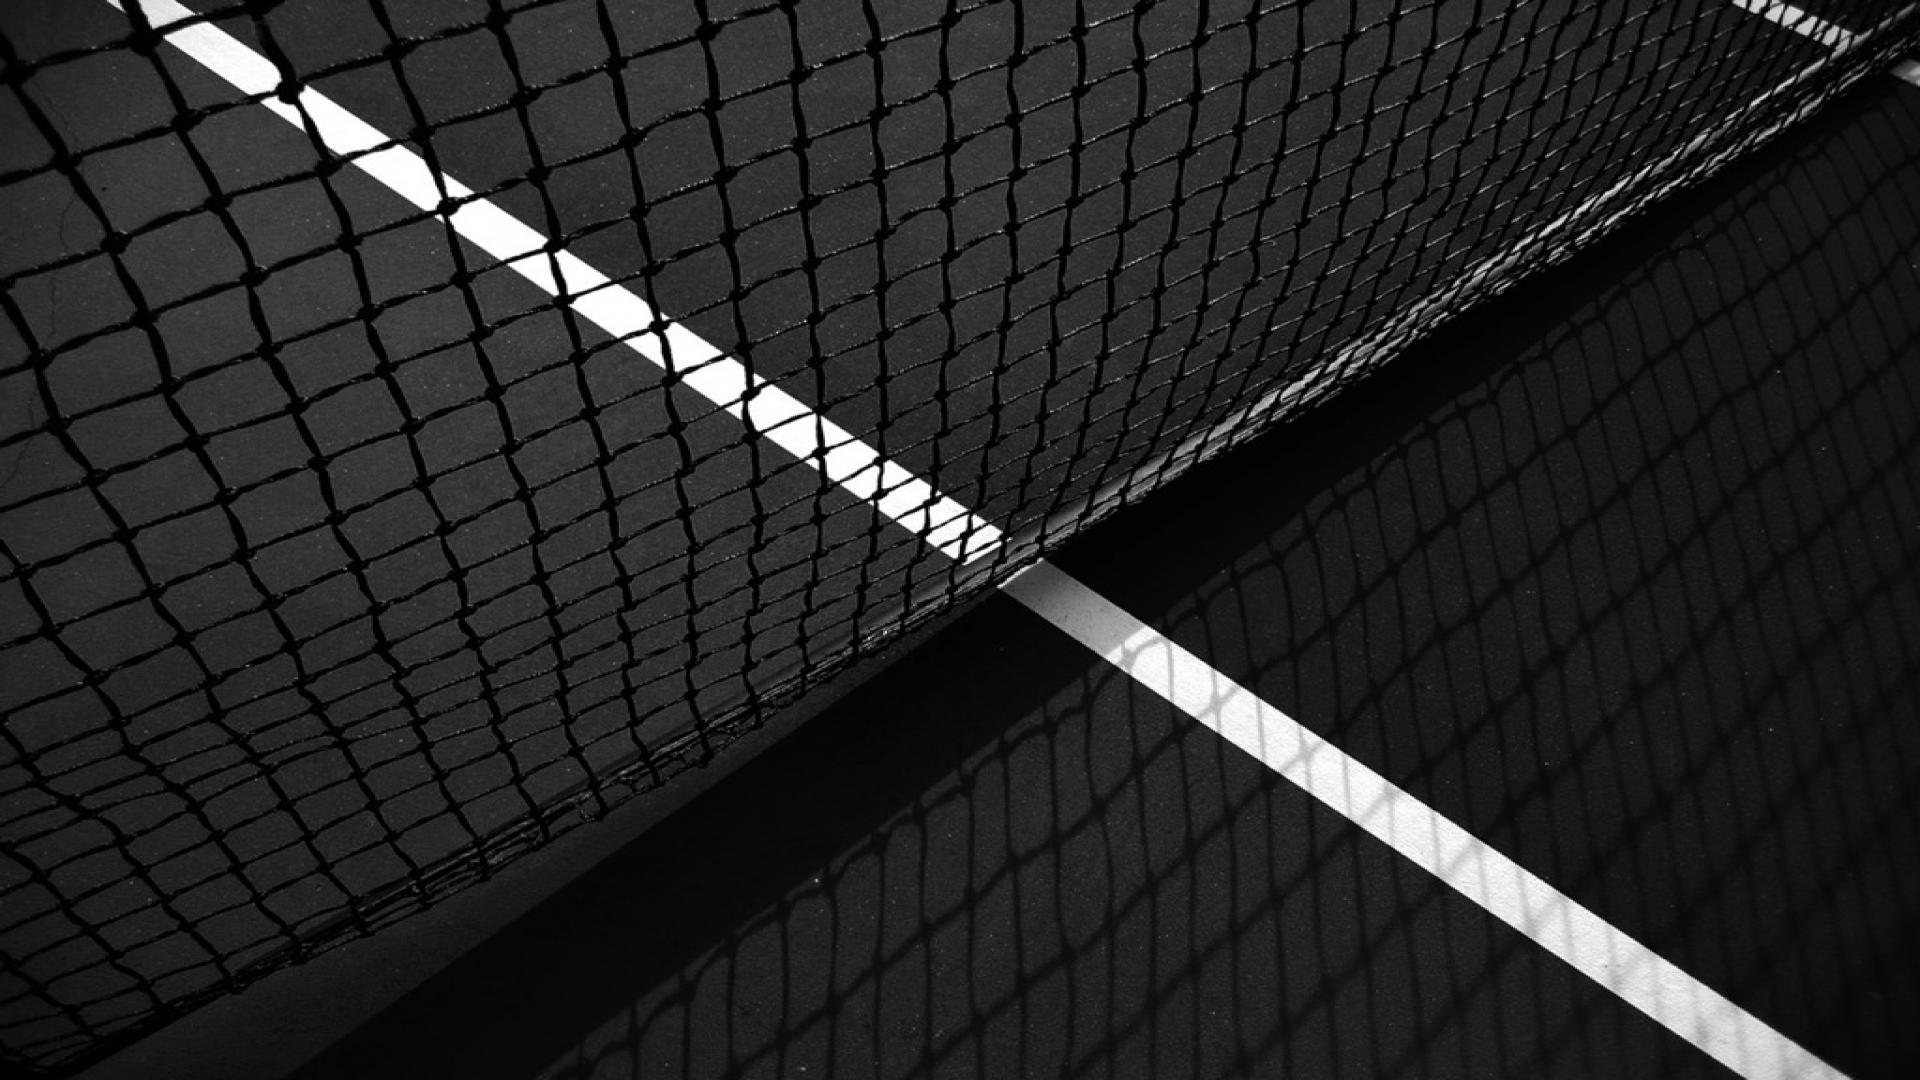 auf-tischtennis-gerichttapete,1920x1080,19649